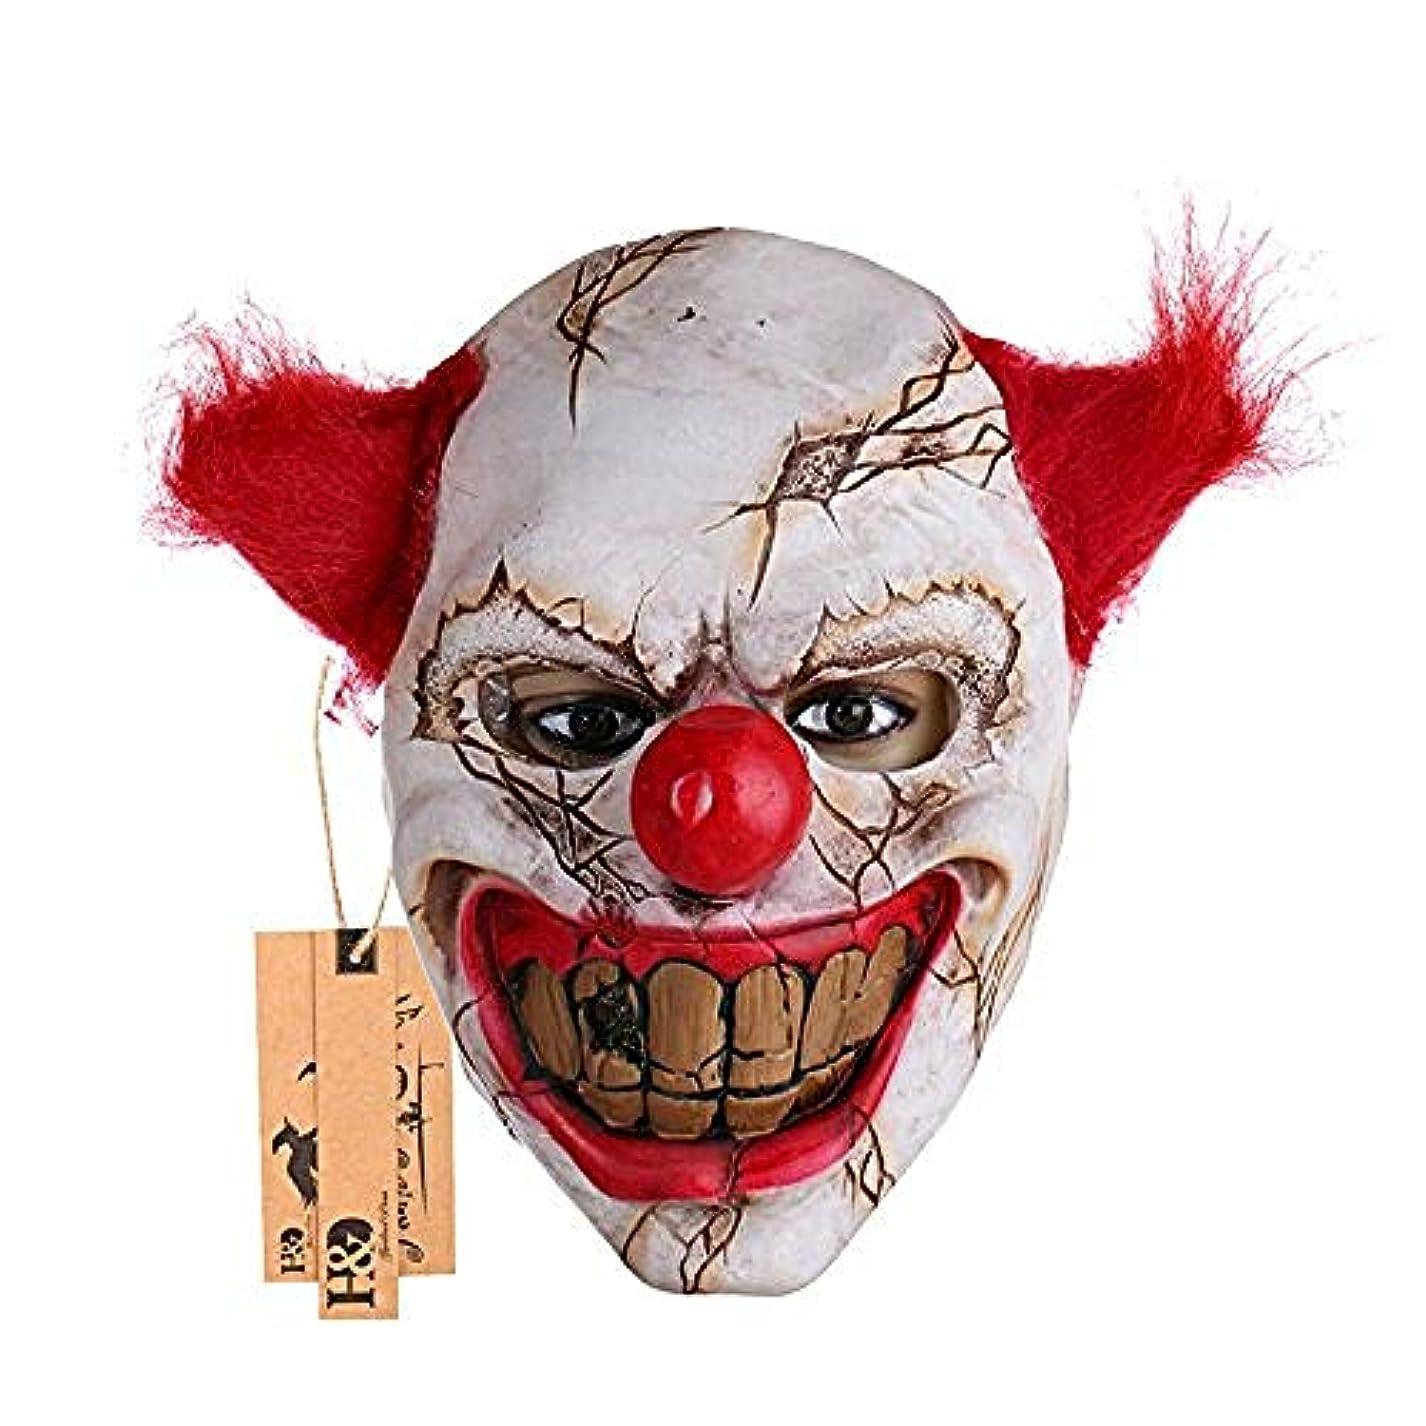 連帯病わなハロウィーンラテックスピエロマスク、コスチュームパーティー小道具マスク、透明な大きな口の赤い髪の鼻、コスプレホラーマスカレードマスクゴーストパーティー